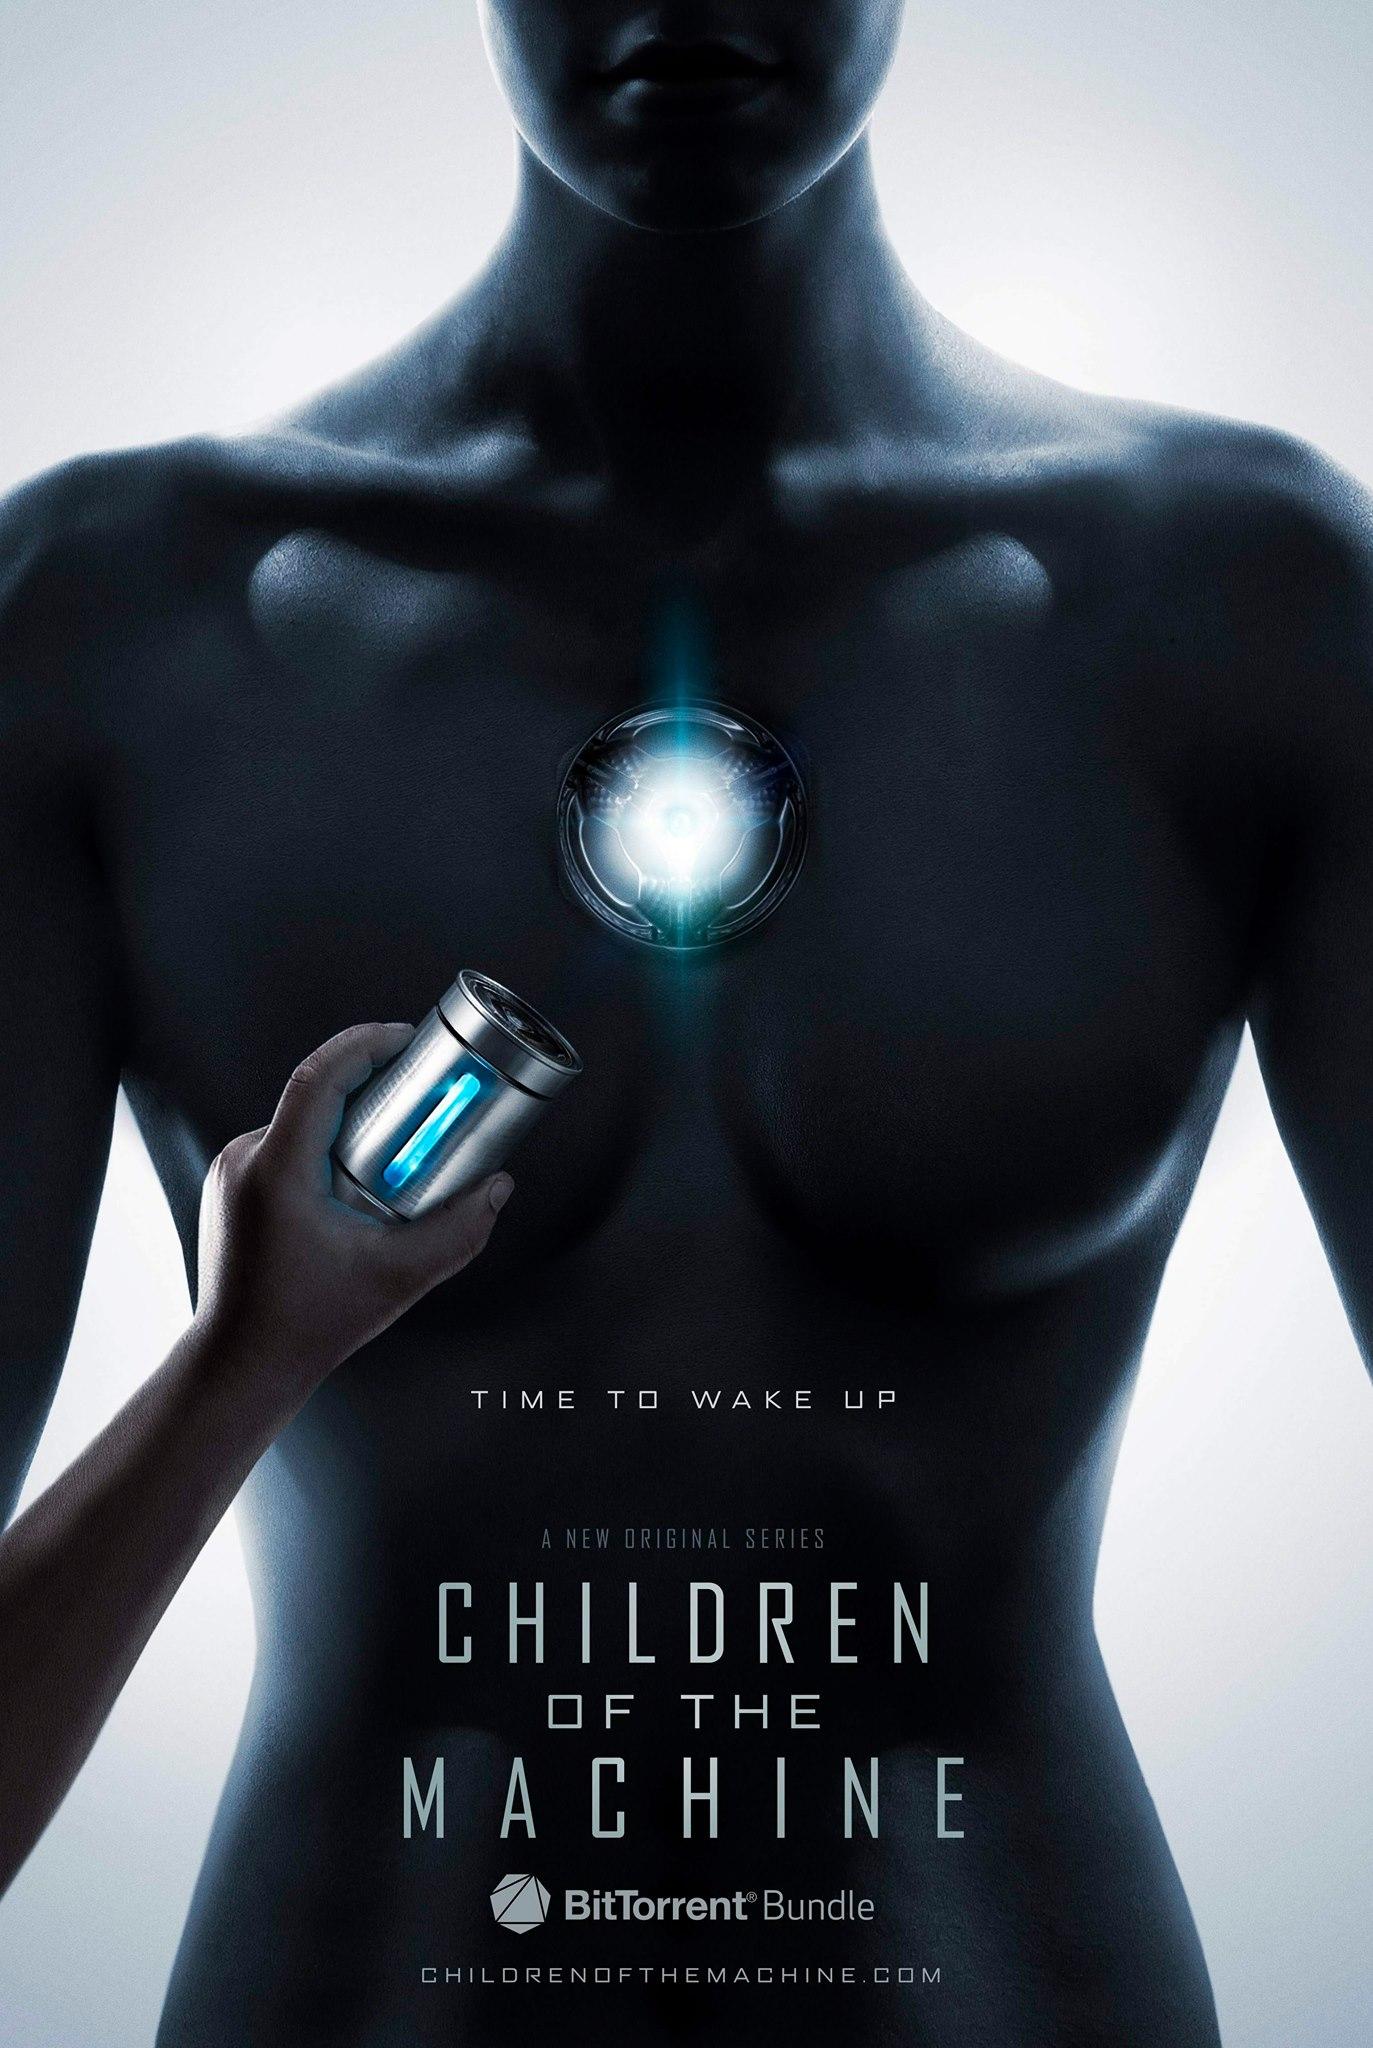 Childrenofthemachine